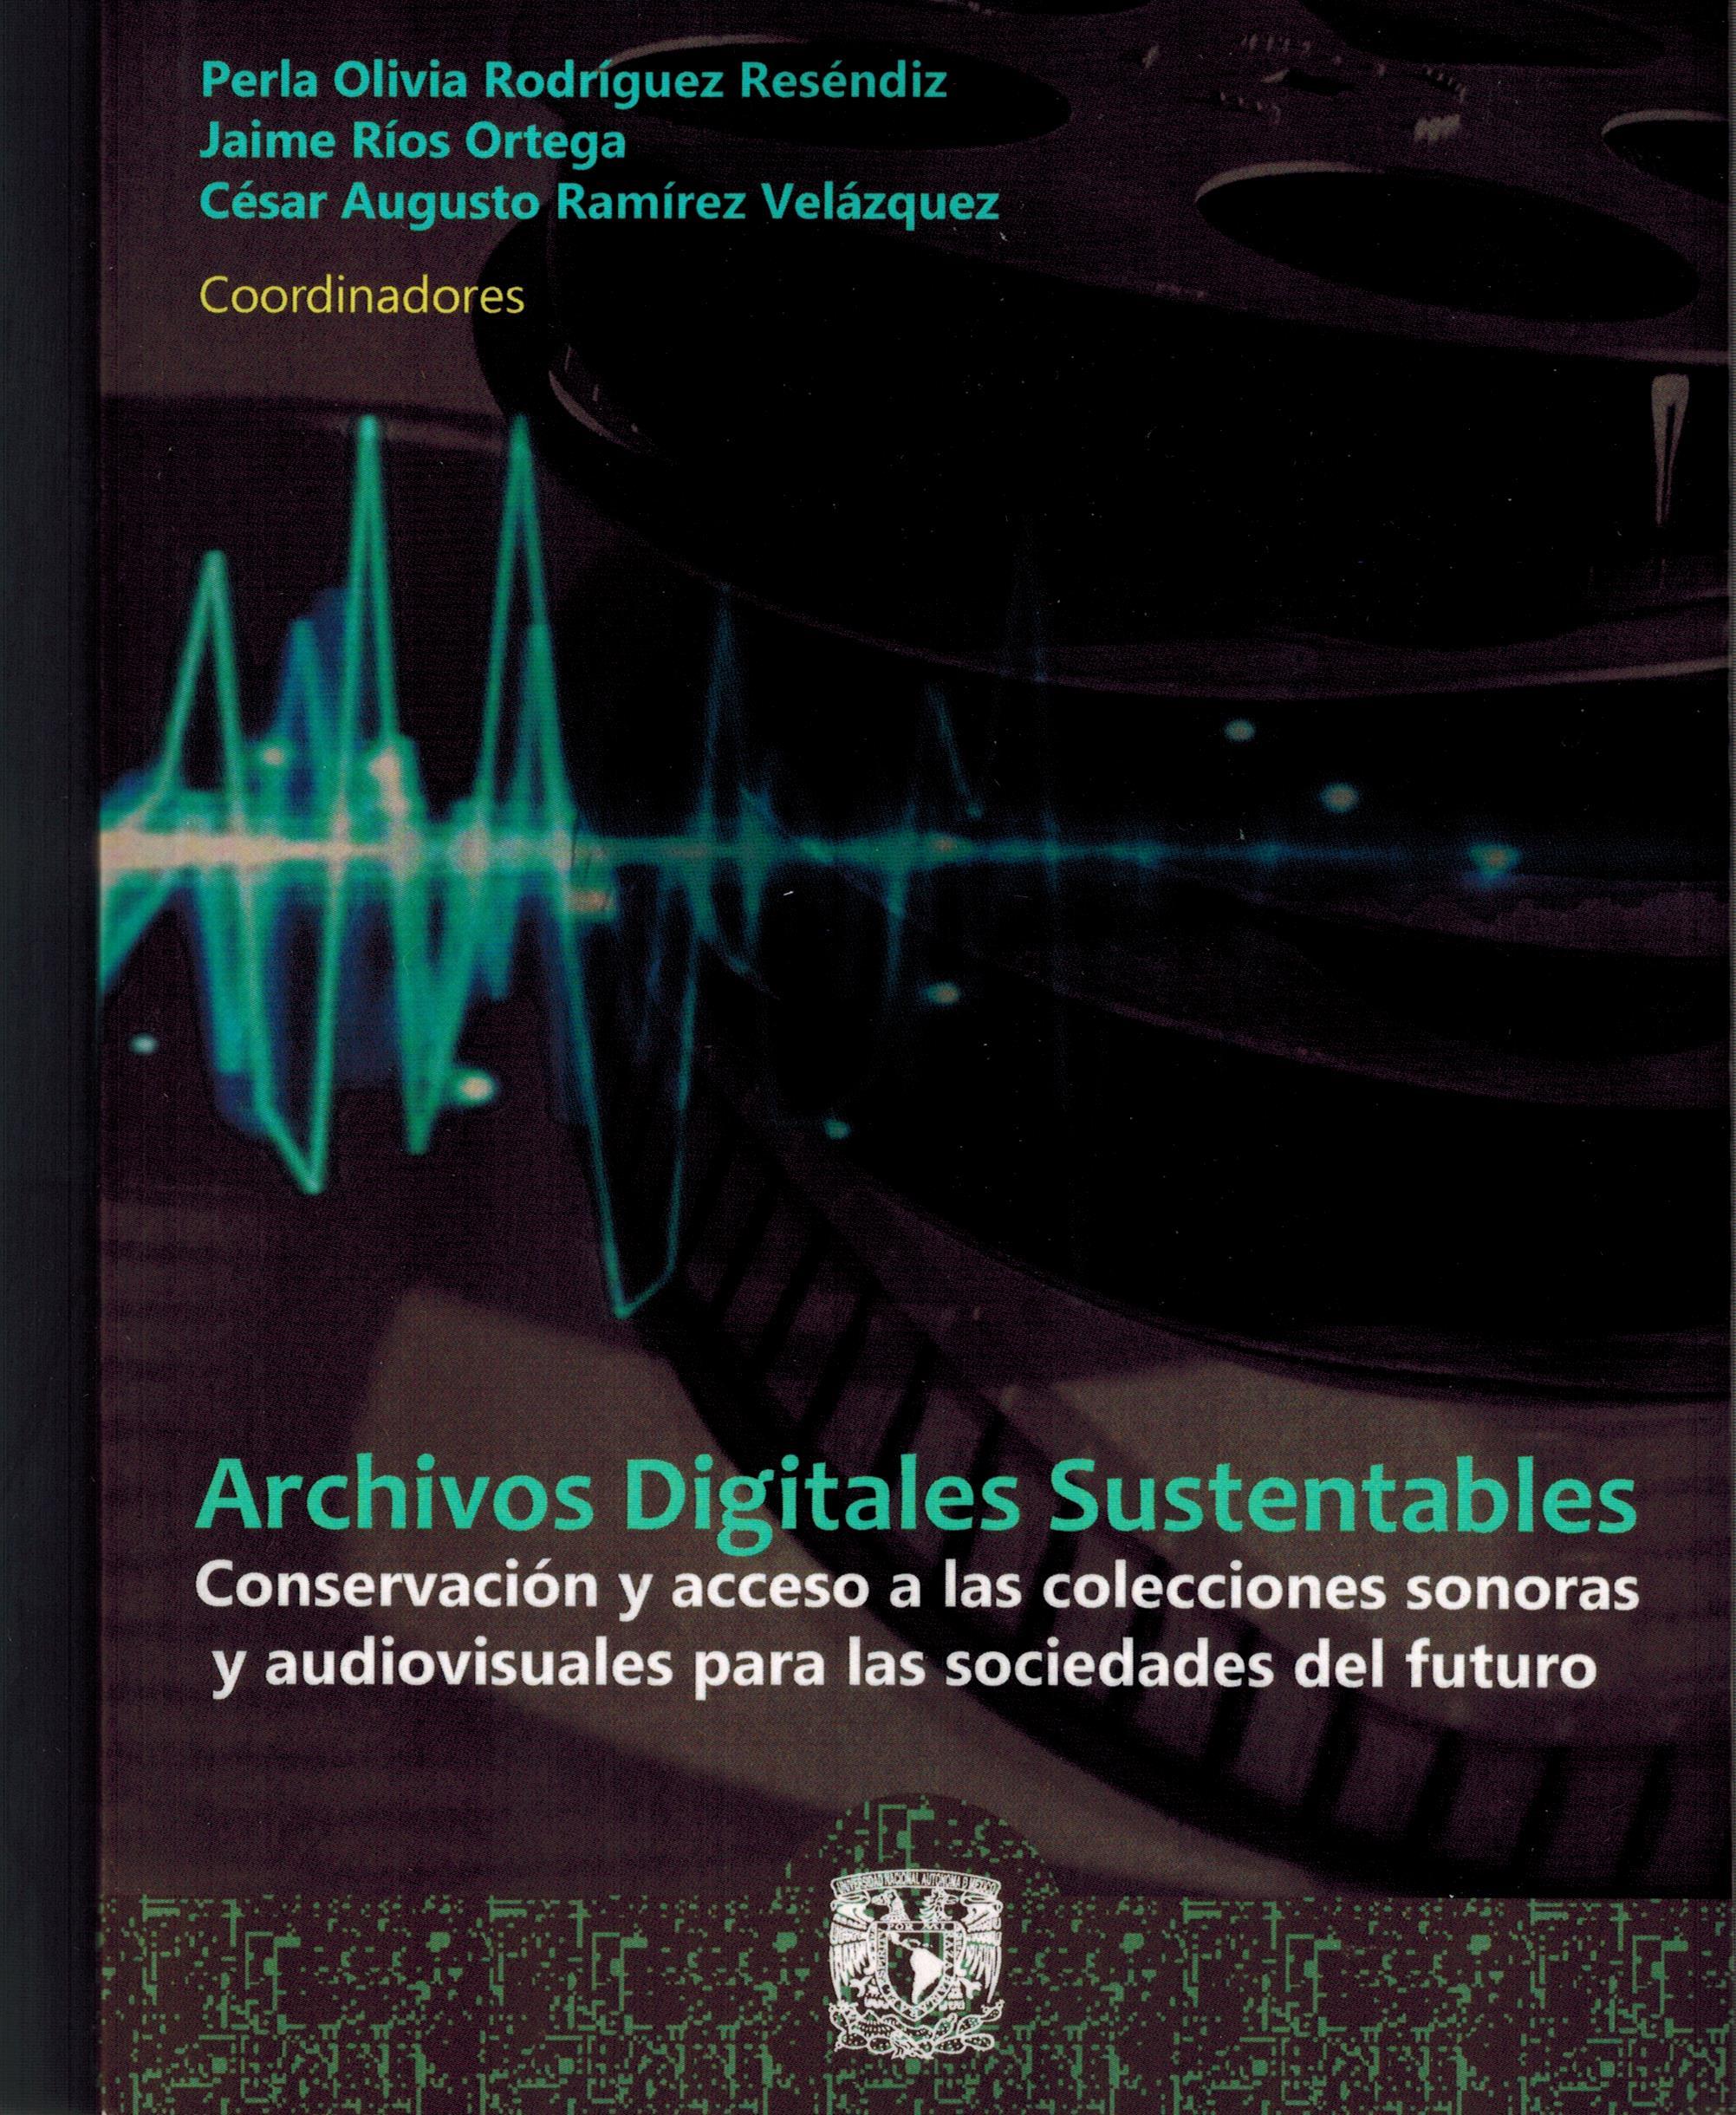 Archivos digitales sustentables. Conservación y acceso a las colecciones sonoras y audiovisuales